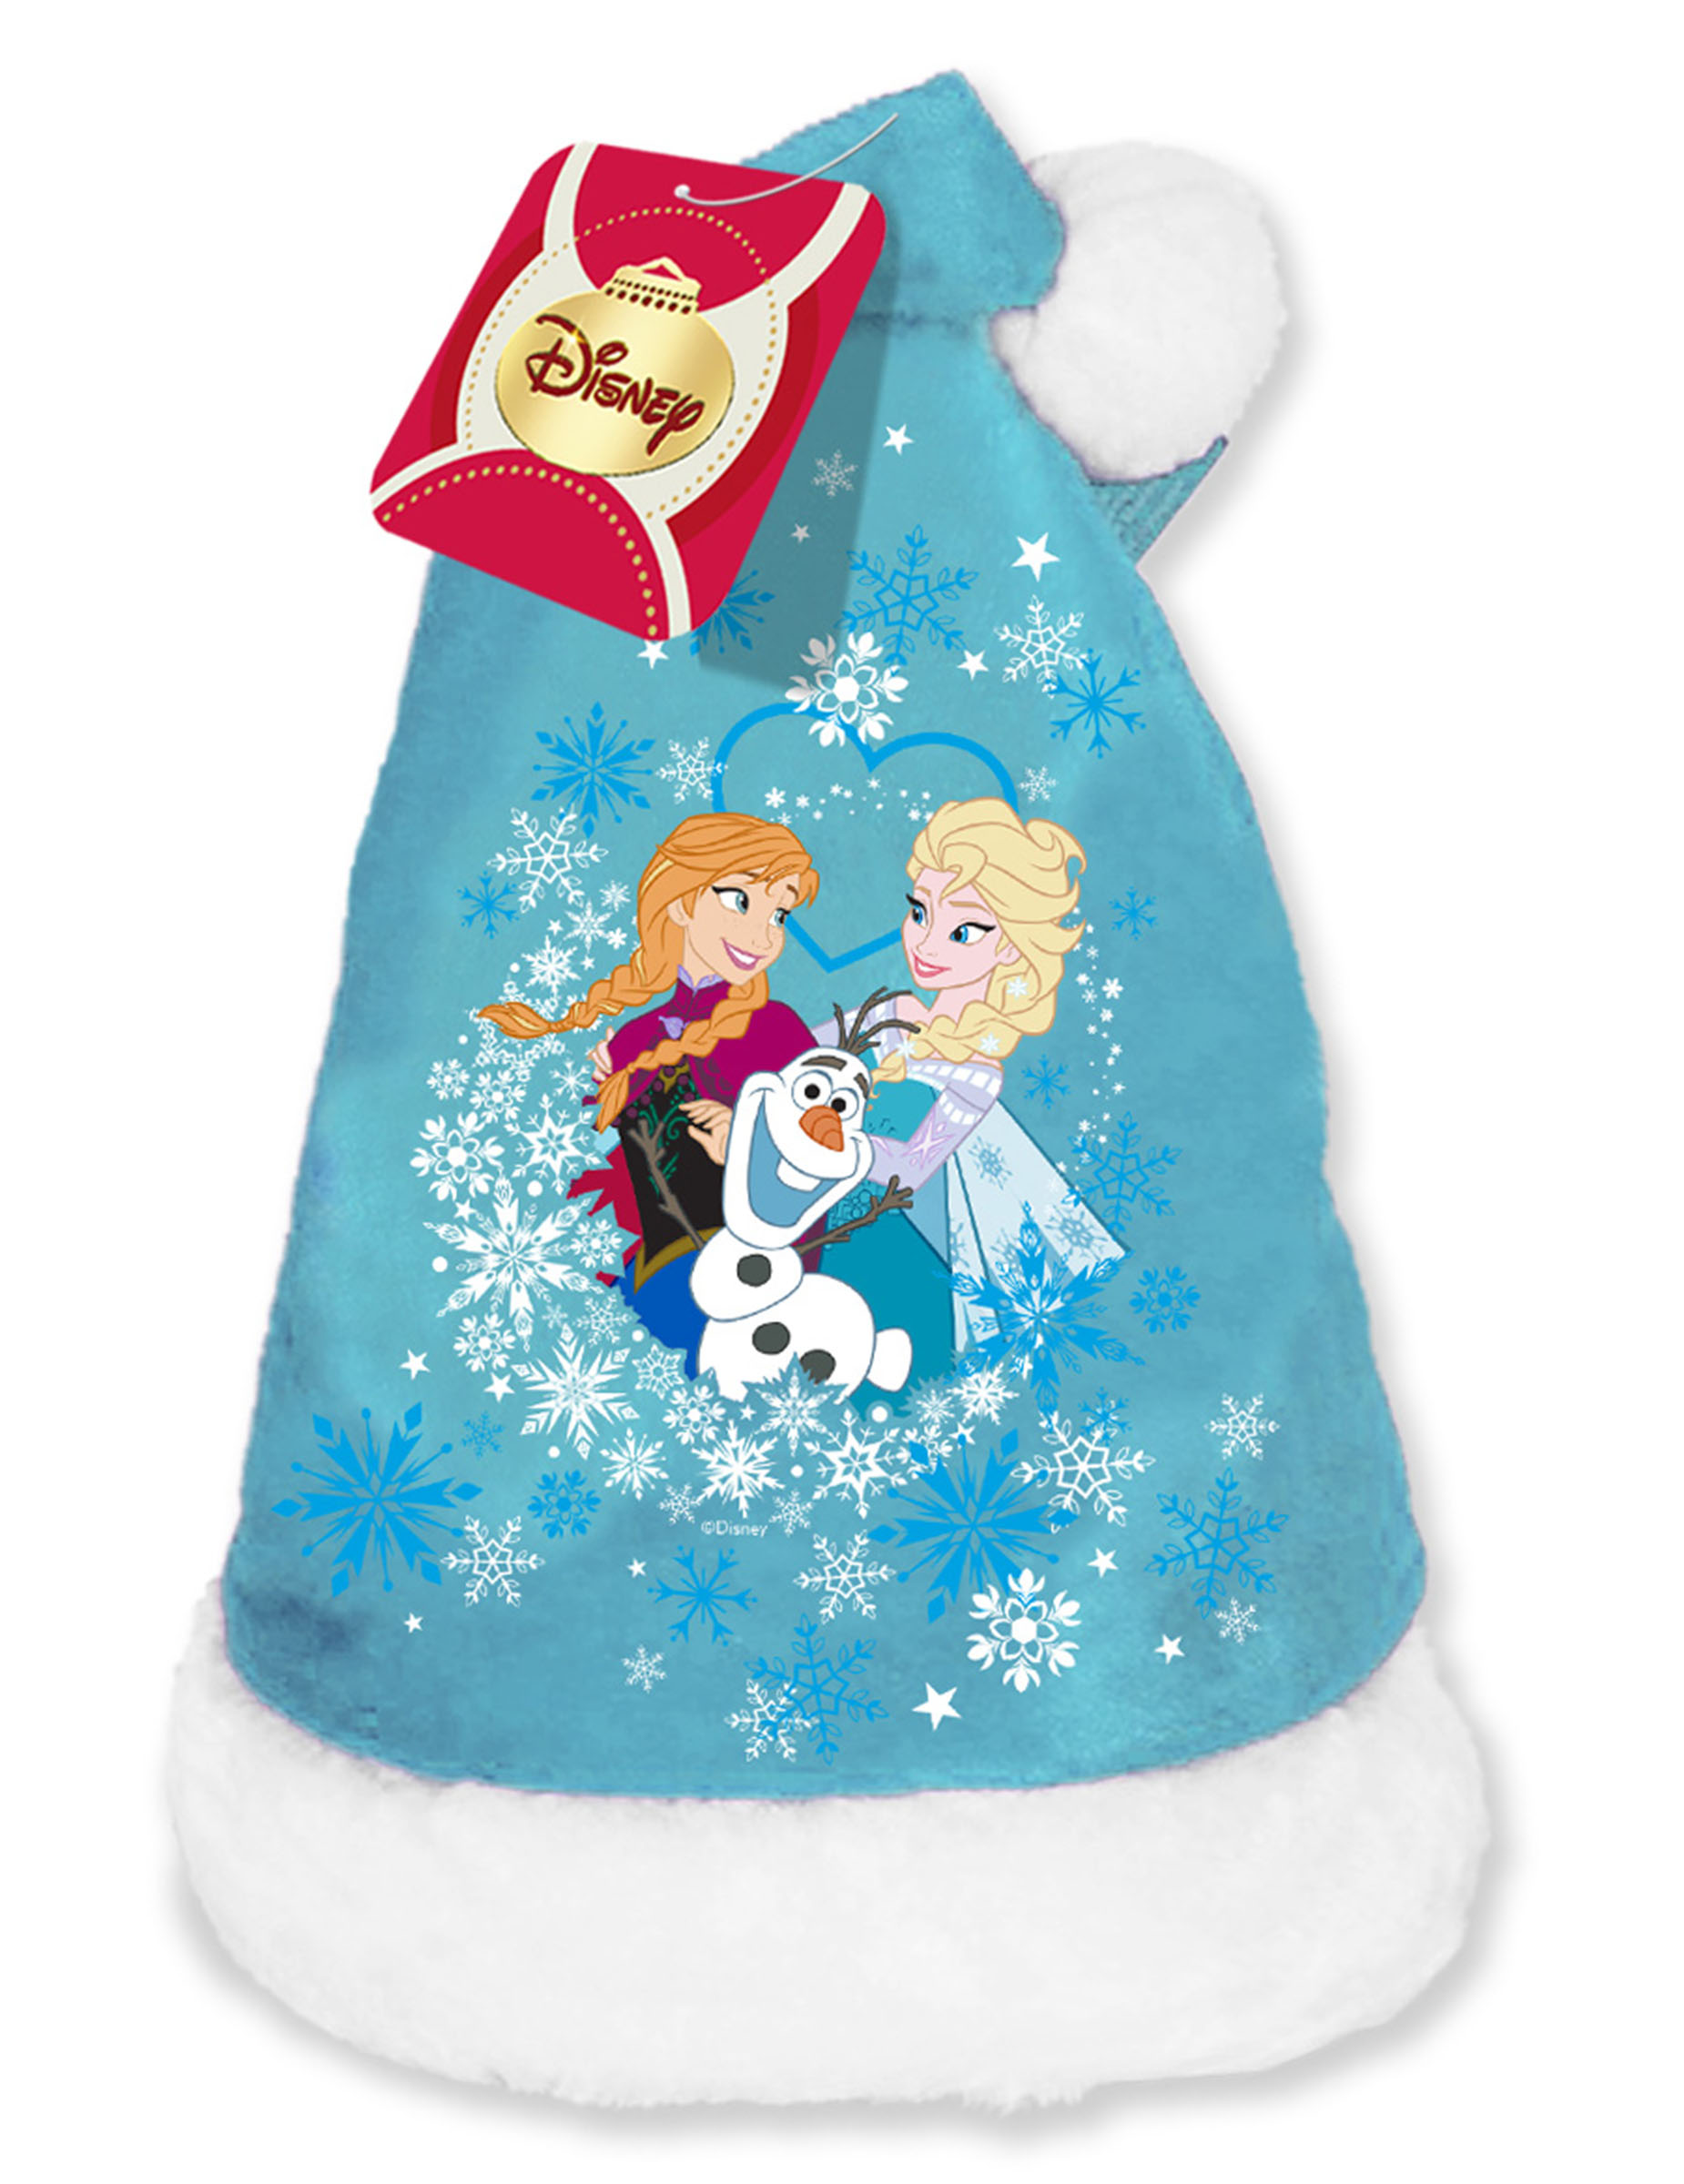 #BA1137 Bonnet De Noël La Reine Des Neiges™ Décoration  6015 decoration de noel reine des neiges 1850x2400 px @ aertt.com